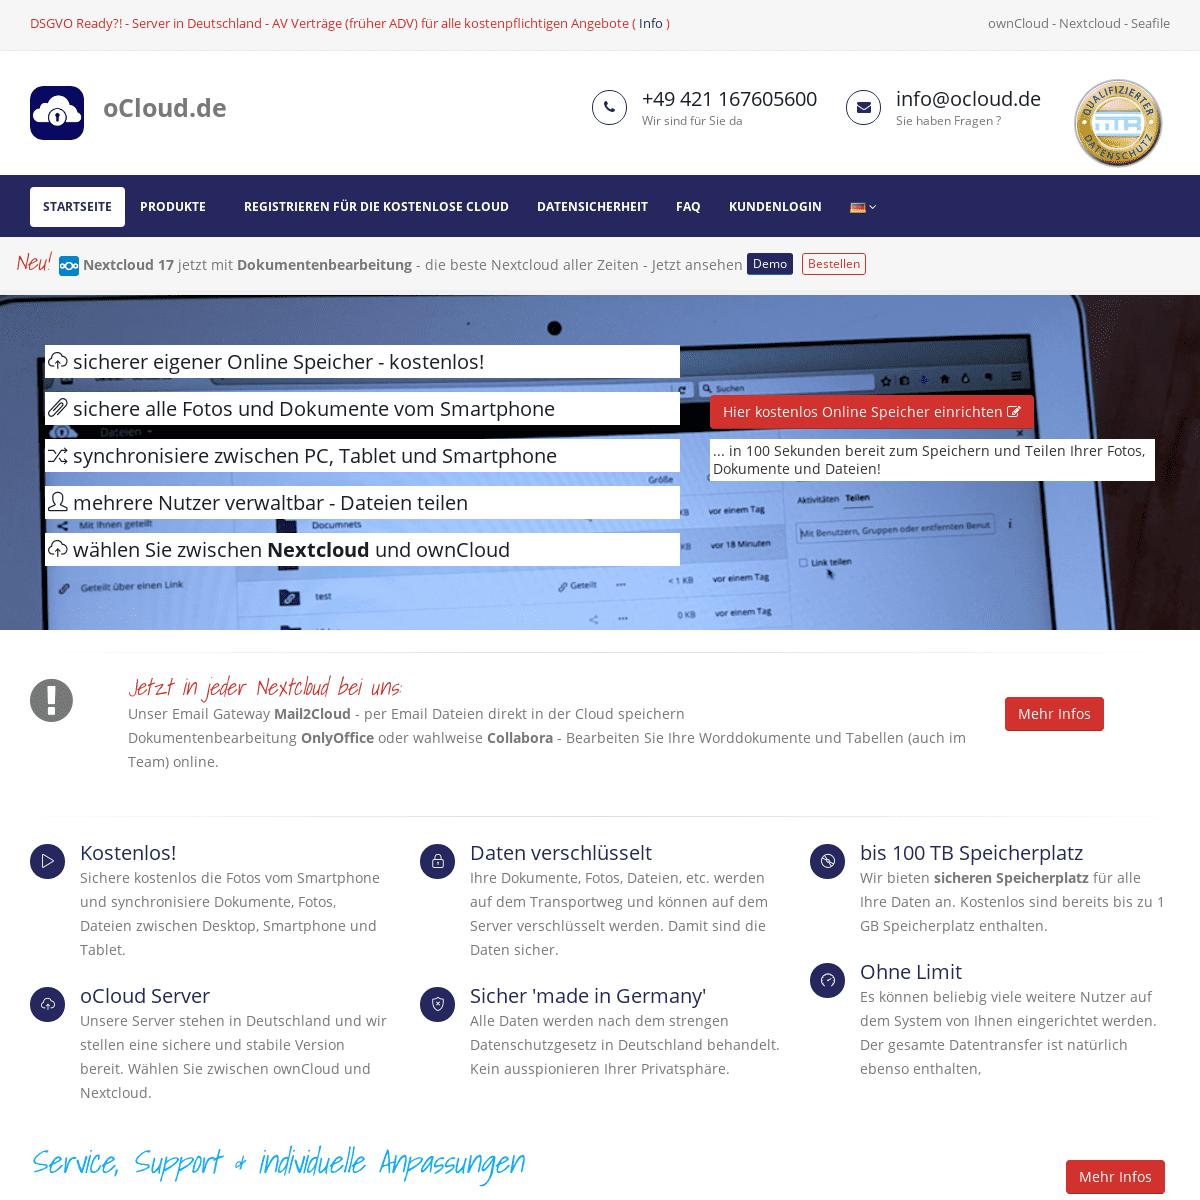 ownCloud - Nextcloud - oCloud - Dateien sicher und verschlüsselt in der Cloud